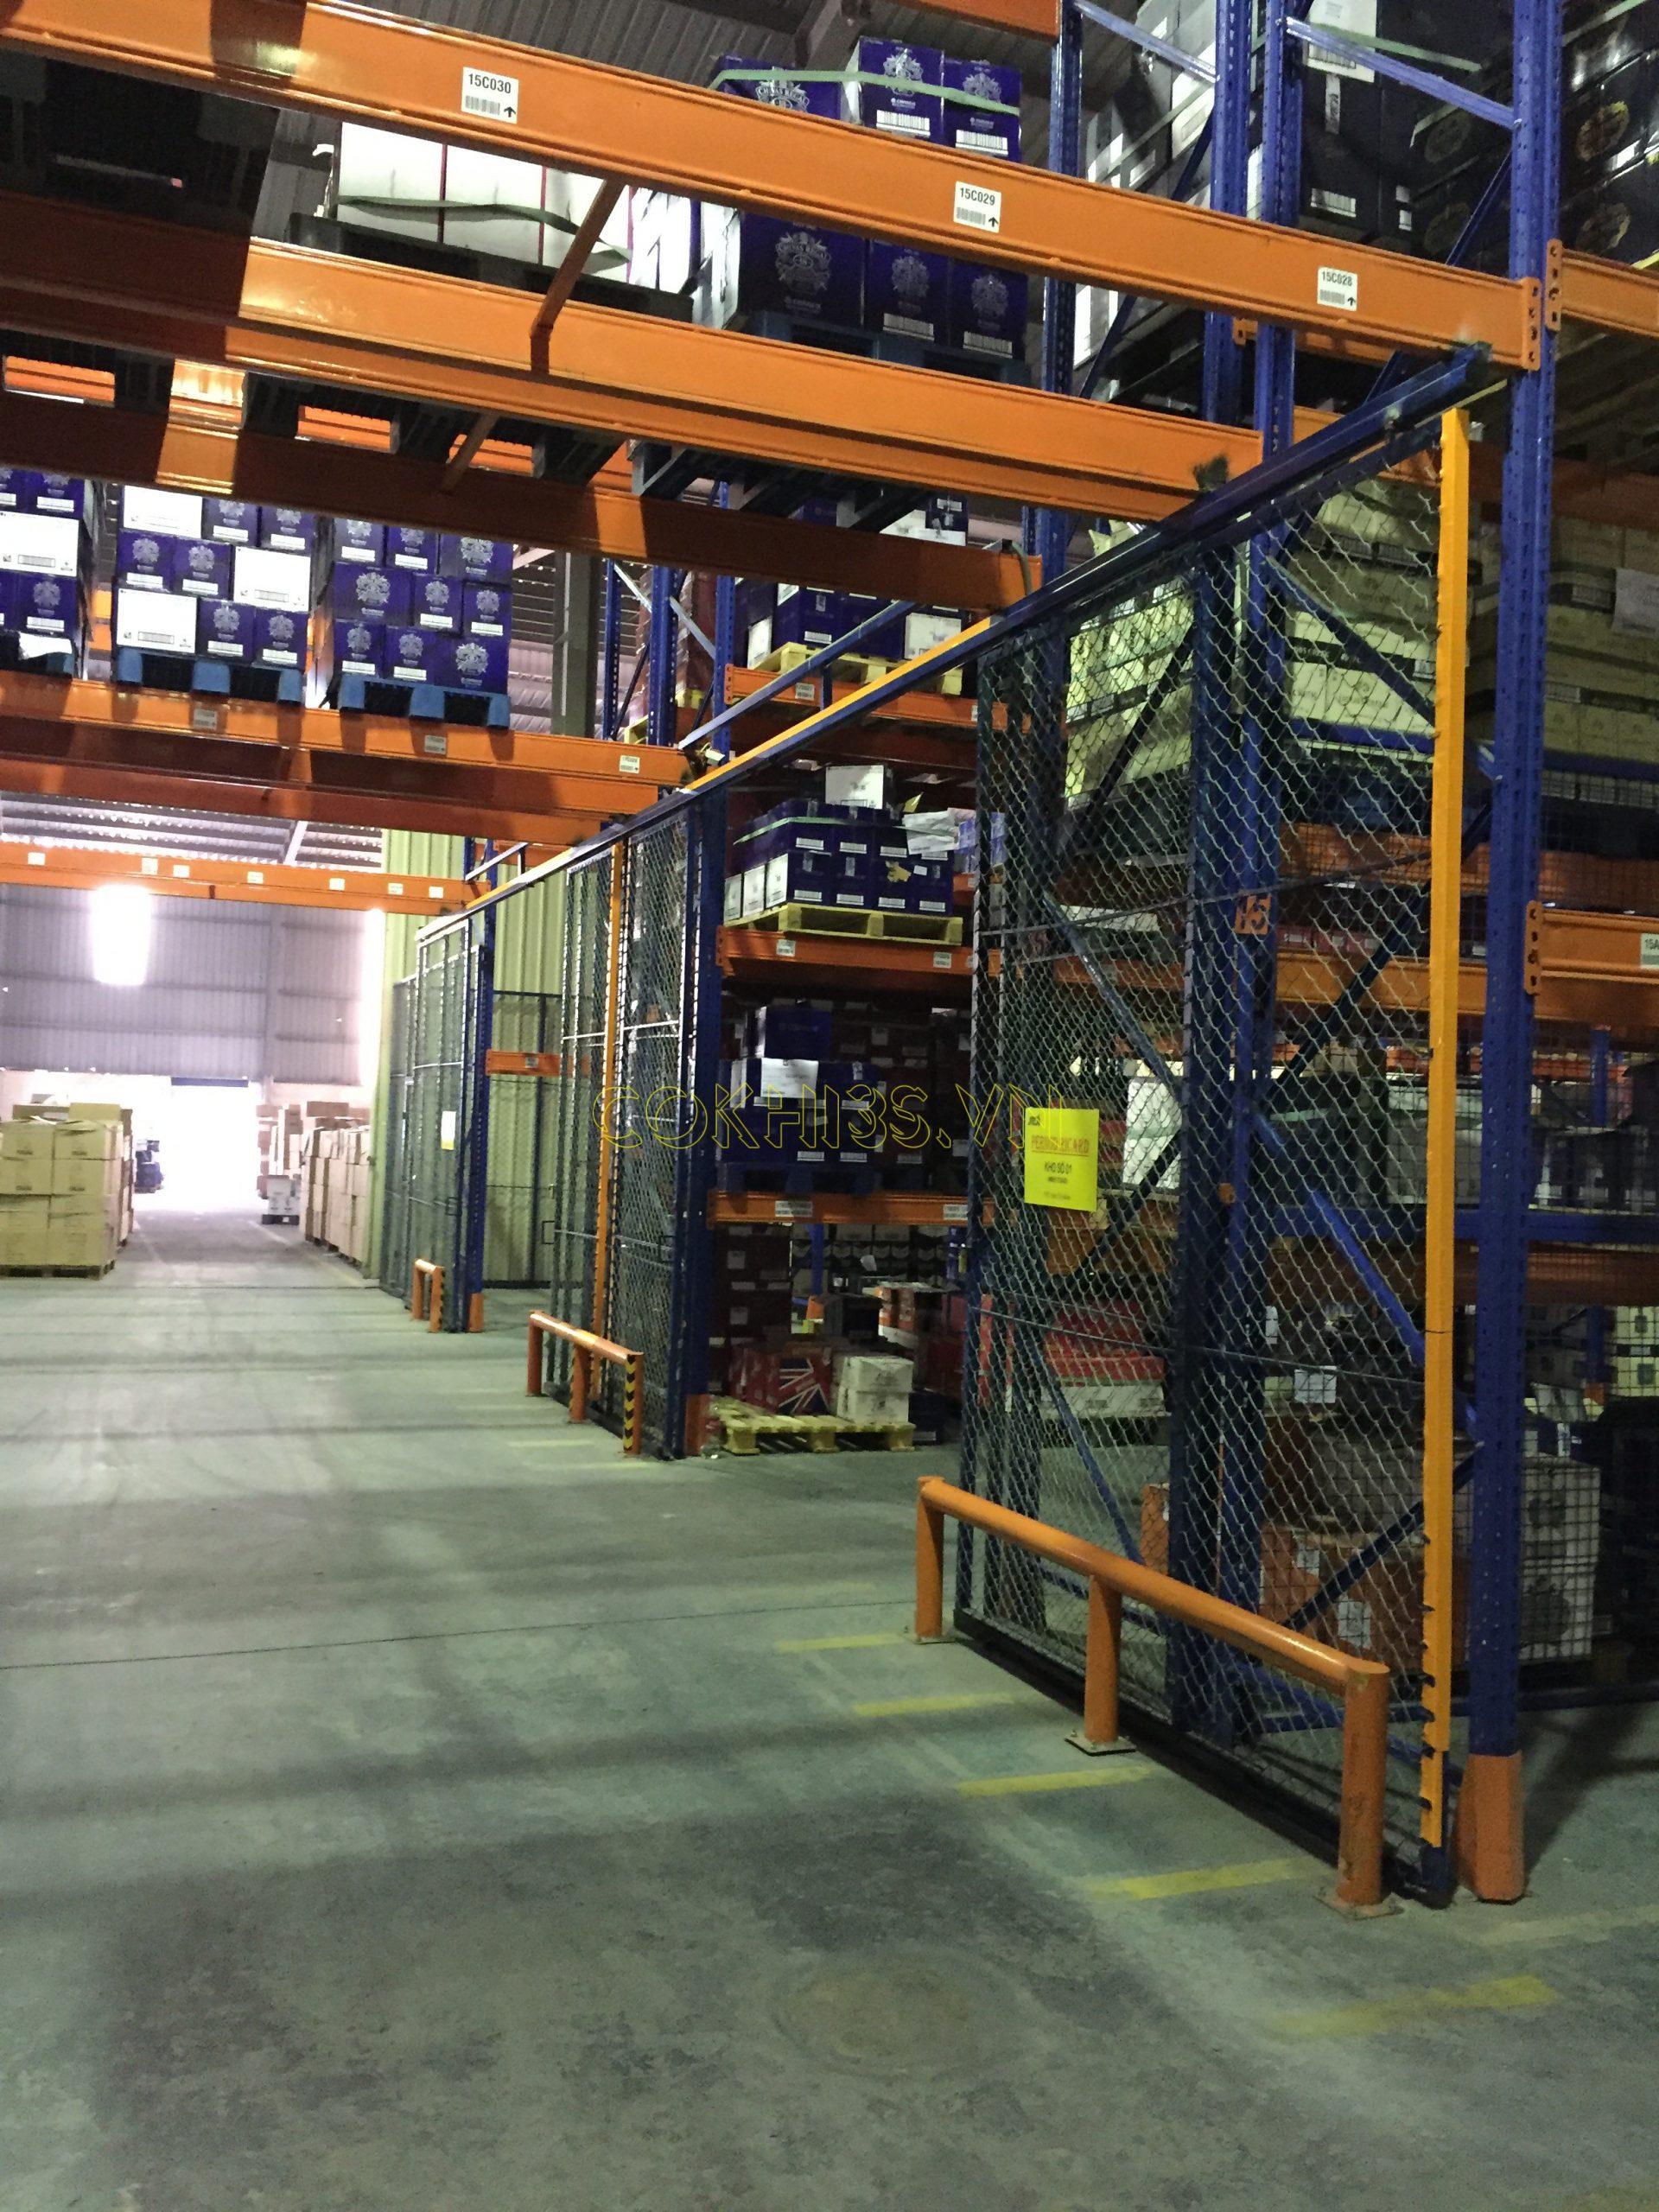 Lắp đặt hệ thống kệ hạng nặng trong kho công nghiệp